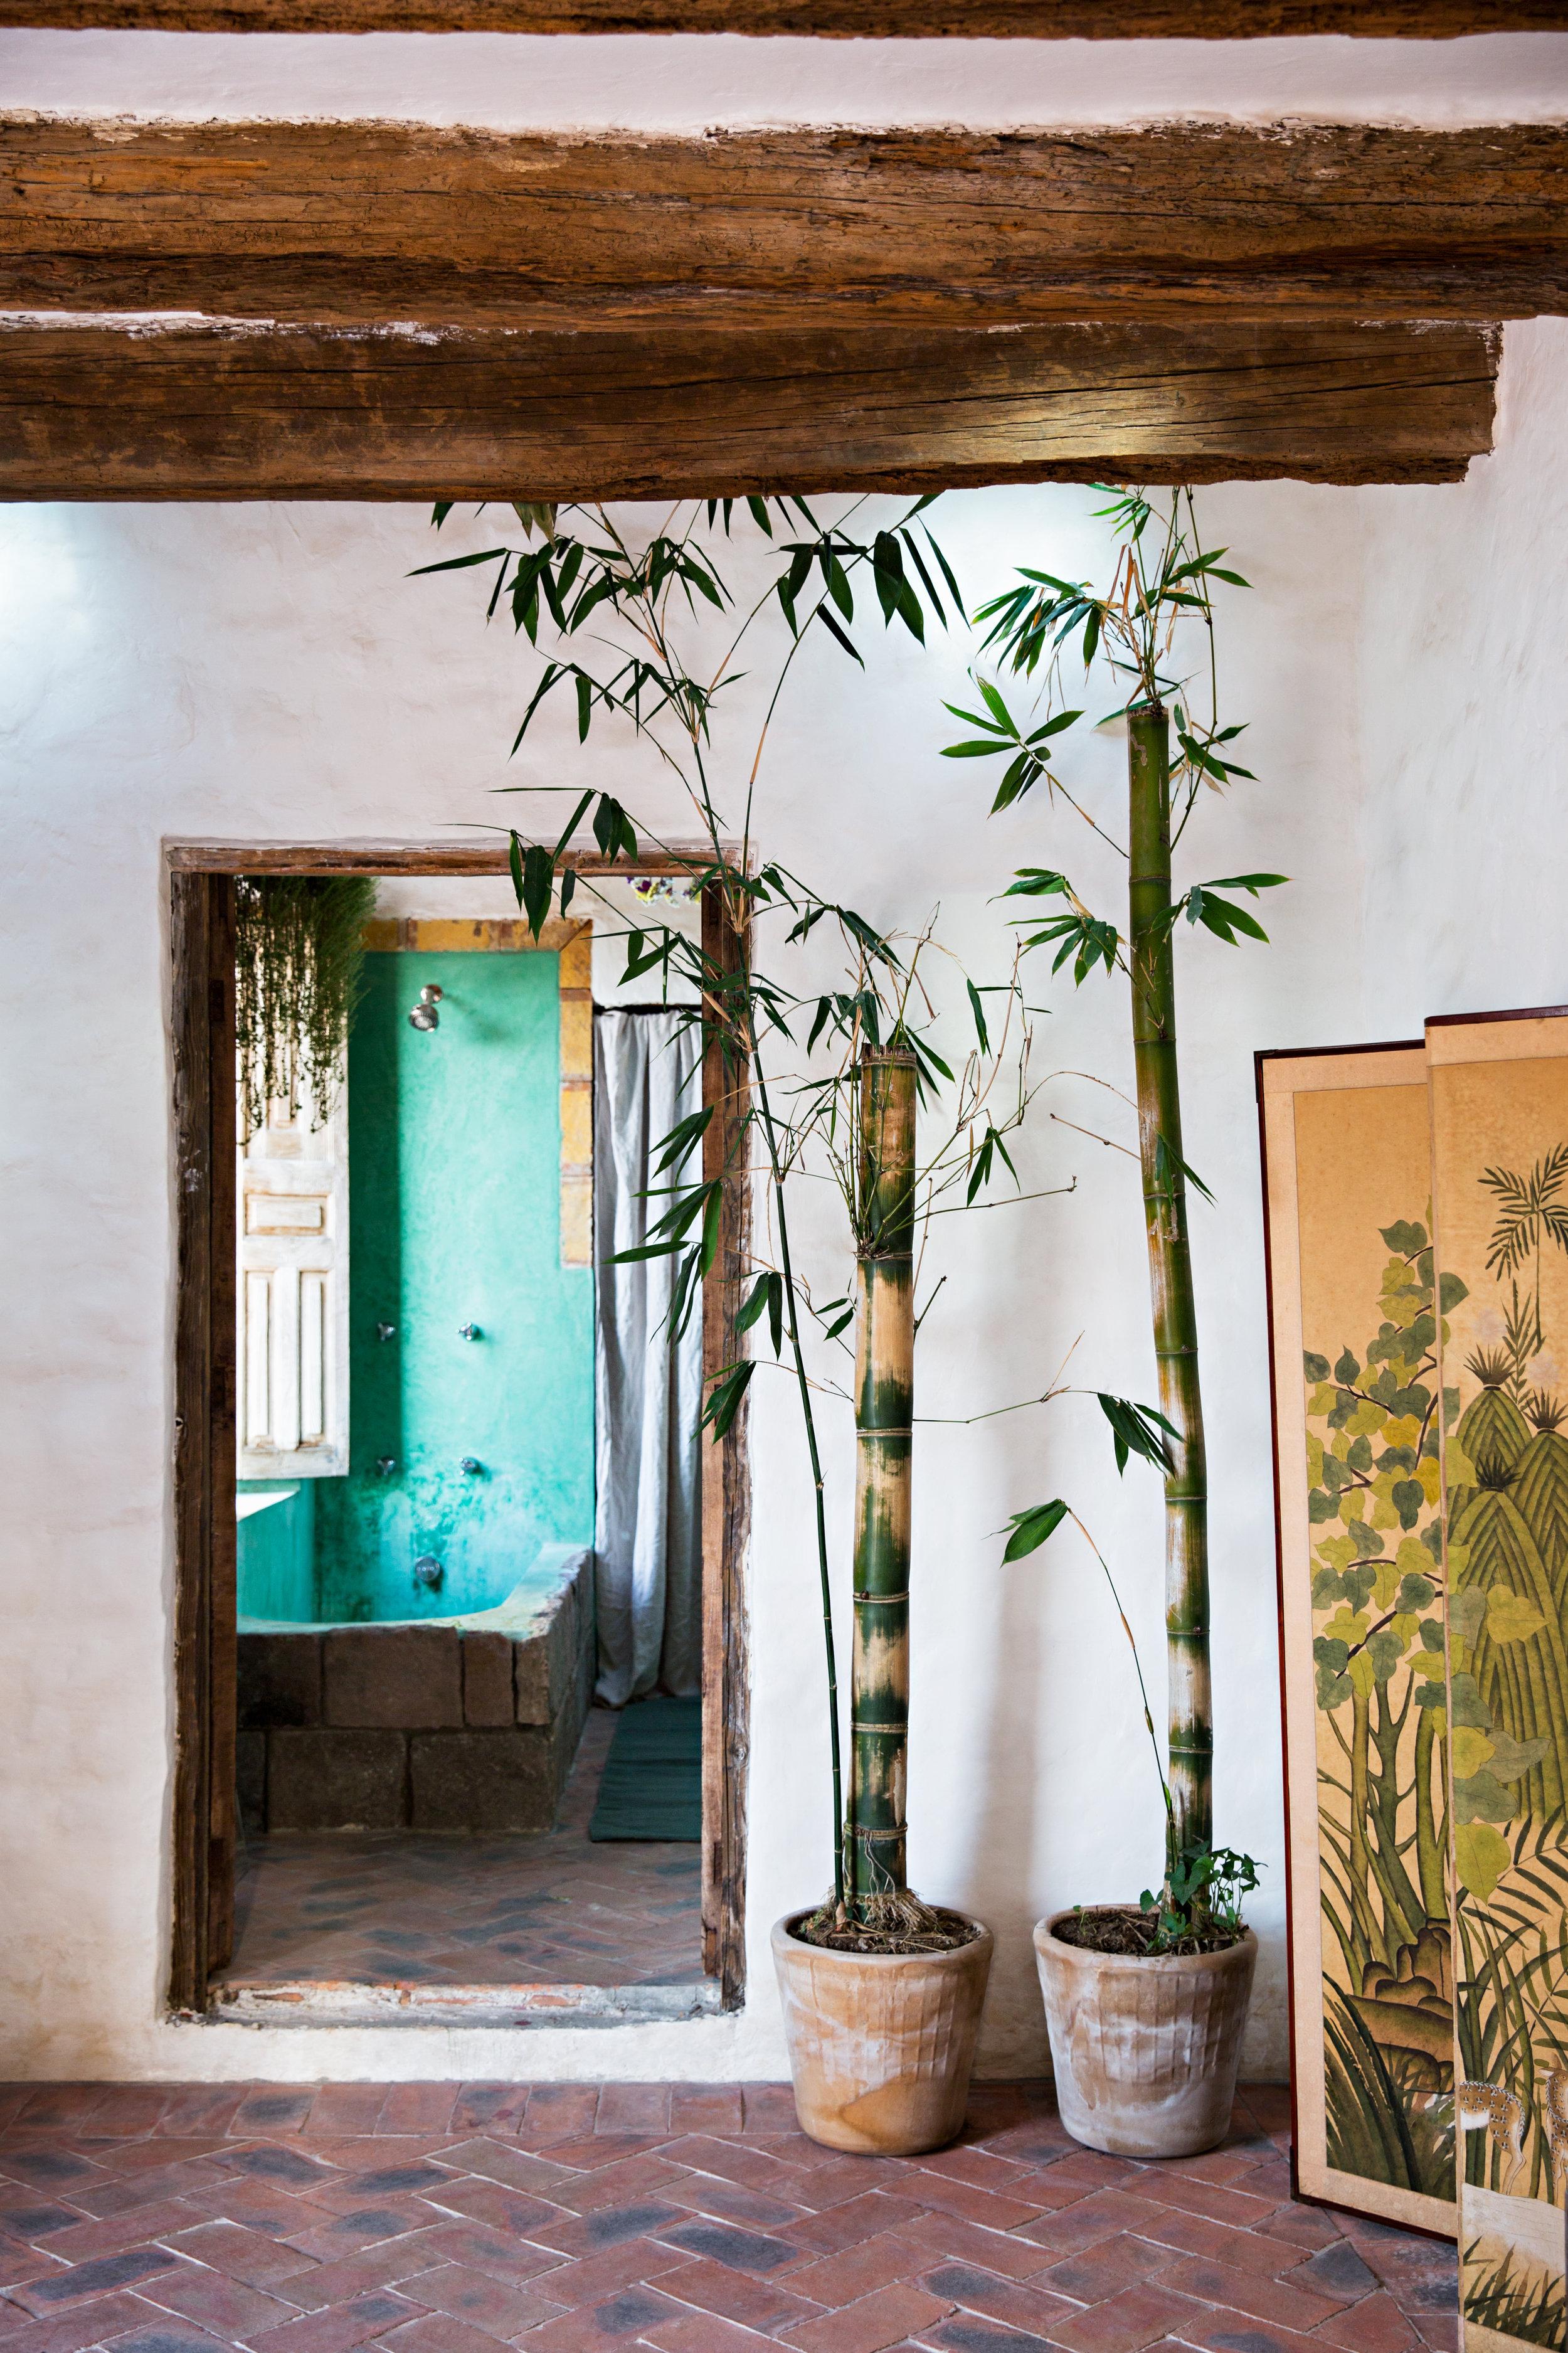 Interior Design by Brittney Borjeson | Architectural Digest